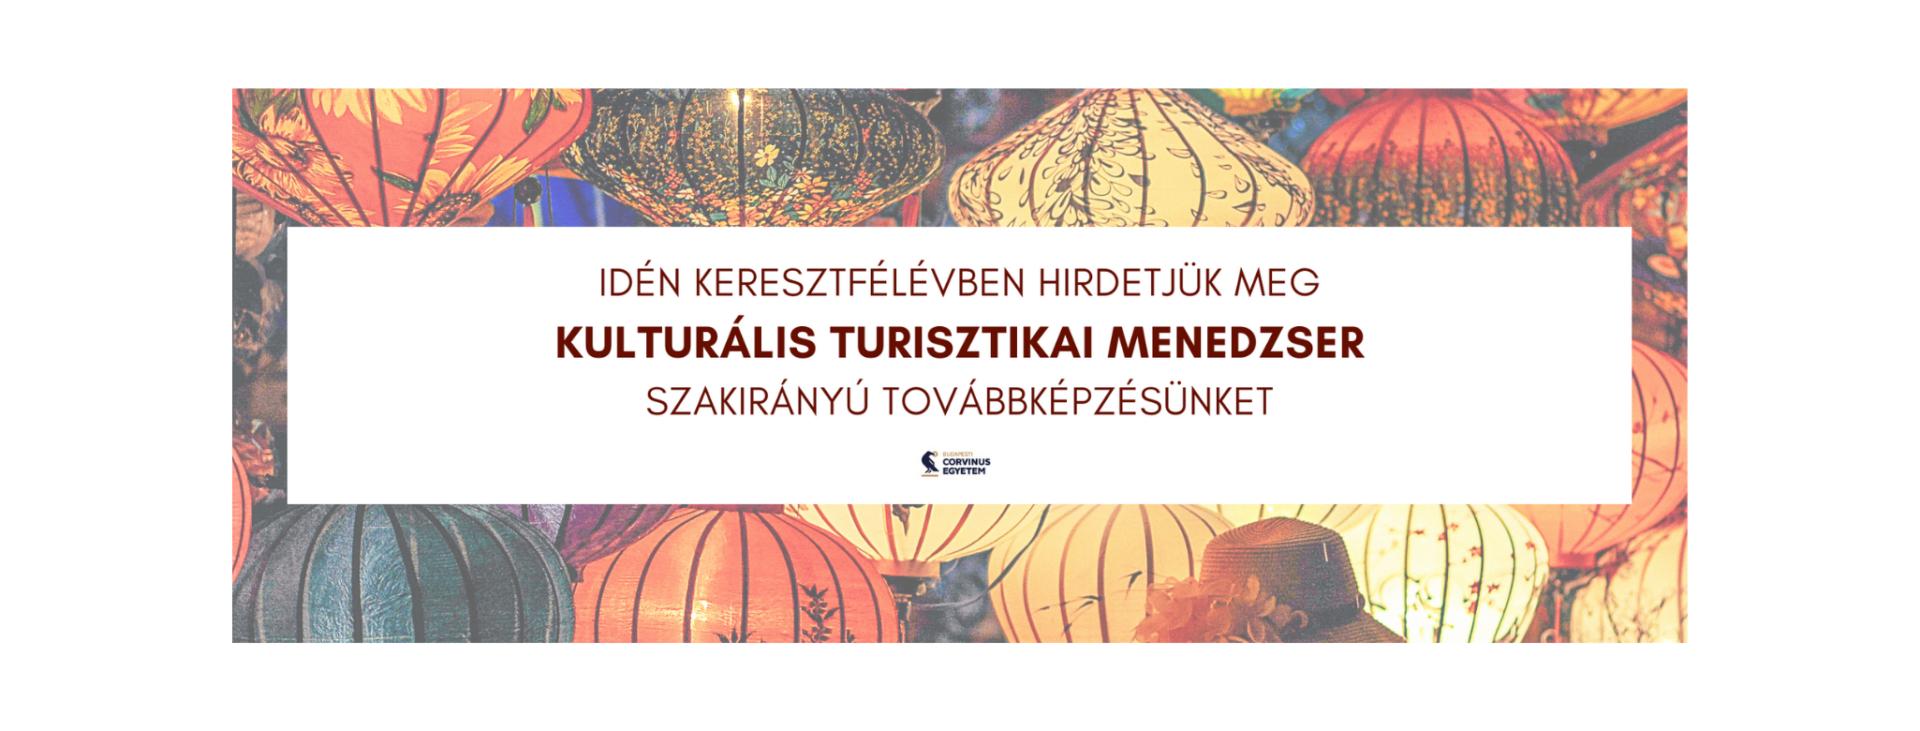 Kulturális turisztikai menedzser